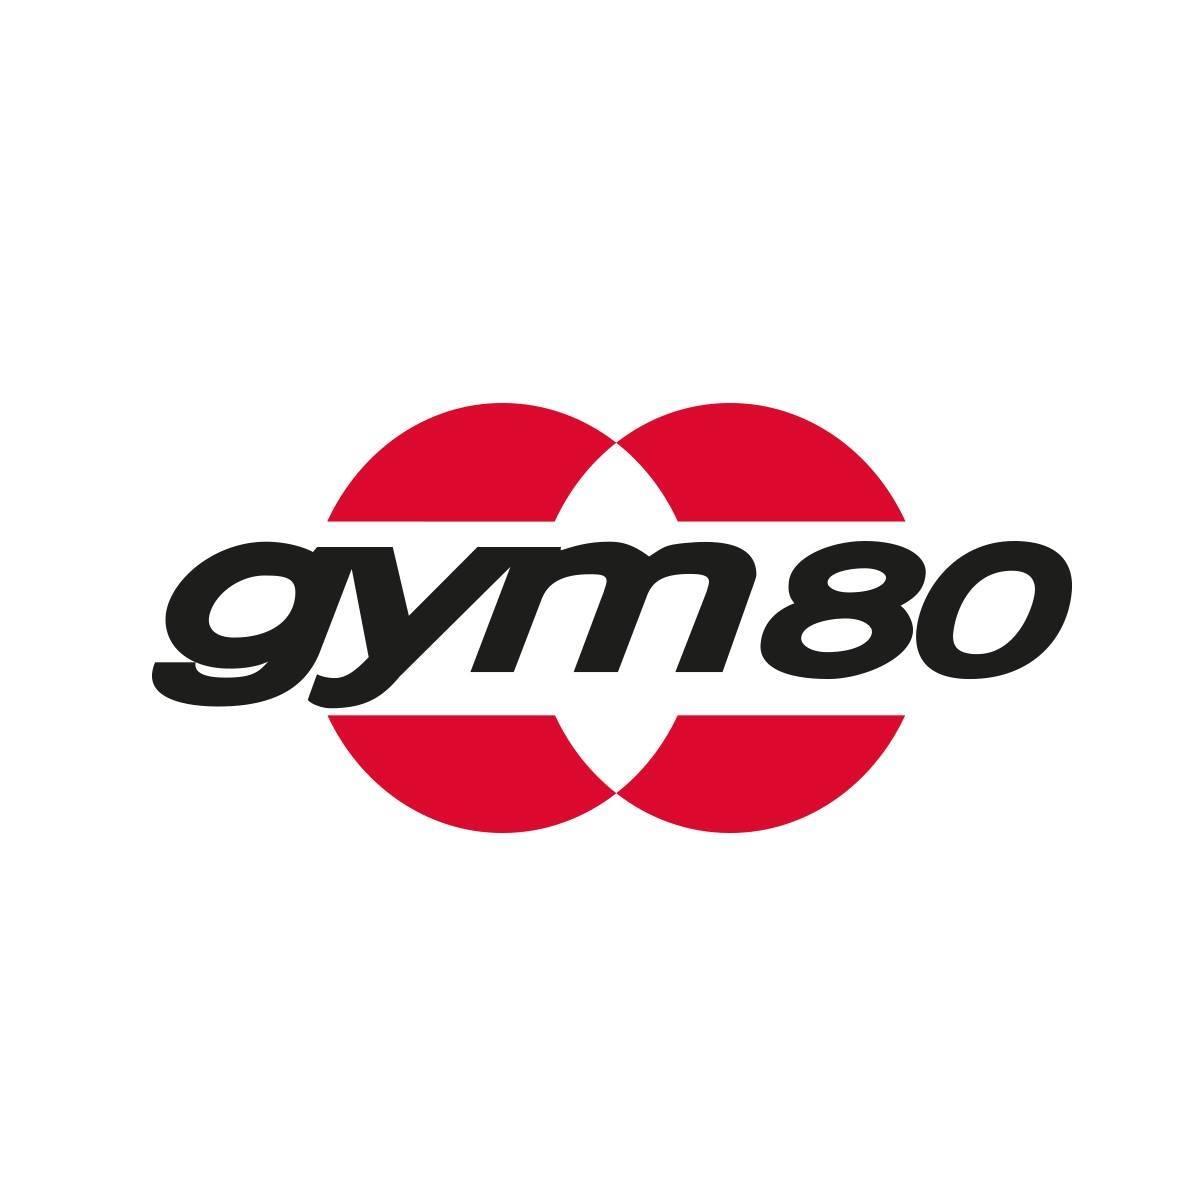 Gym80 - Ein grosser Teil unserer Geräte stammt von der Traditionsfirma Gym80 aus dem Herzen des Ruhrpotts. Hier werden sich noch Gedanken über anatomisch korrekte Maschinen gemacht, die auch wirklich einen Mehrwert gegenüber dem Training an freien Gewichten liefern.Dazu kommt der Anspruch von Gym80 an absolute Qualität - 4mm dicker Stahl und doppelte Schweißnähte sorgen für Stabilität.Von GYM80 haben wir:HIGH ROW, LOW ROW, BUTTERFLY, BUTTERFLY Reverse, Glute Builder, ARM Adduction, Stehende Klimmzugmaschine, SISSY Squat, V-Station, Bootymizer, Scott Curl Bank